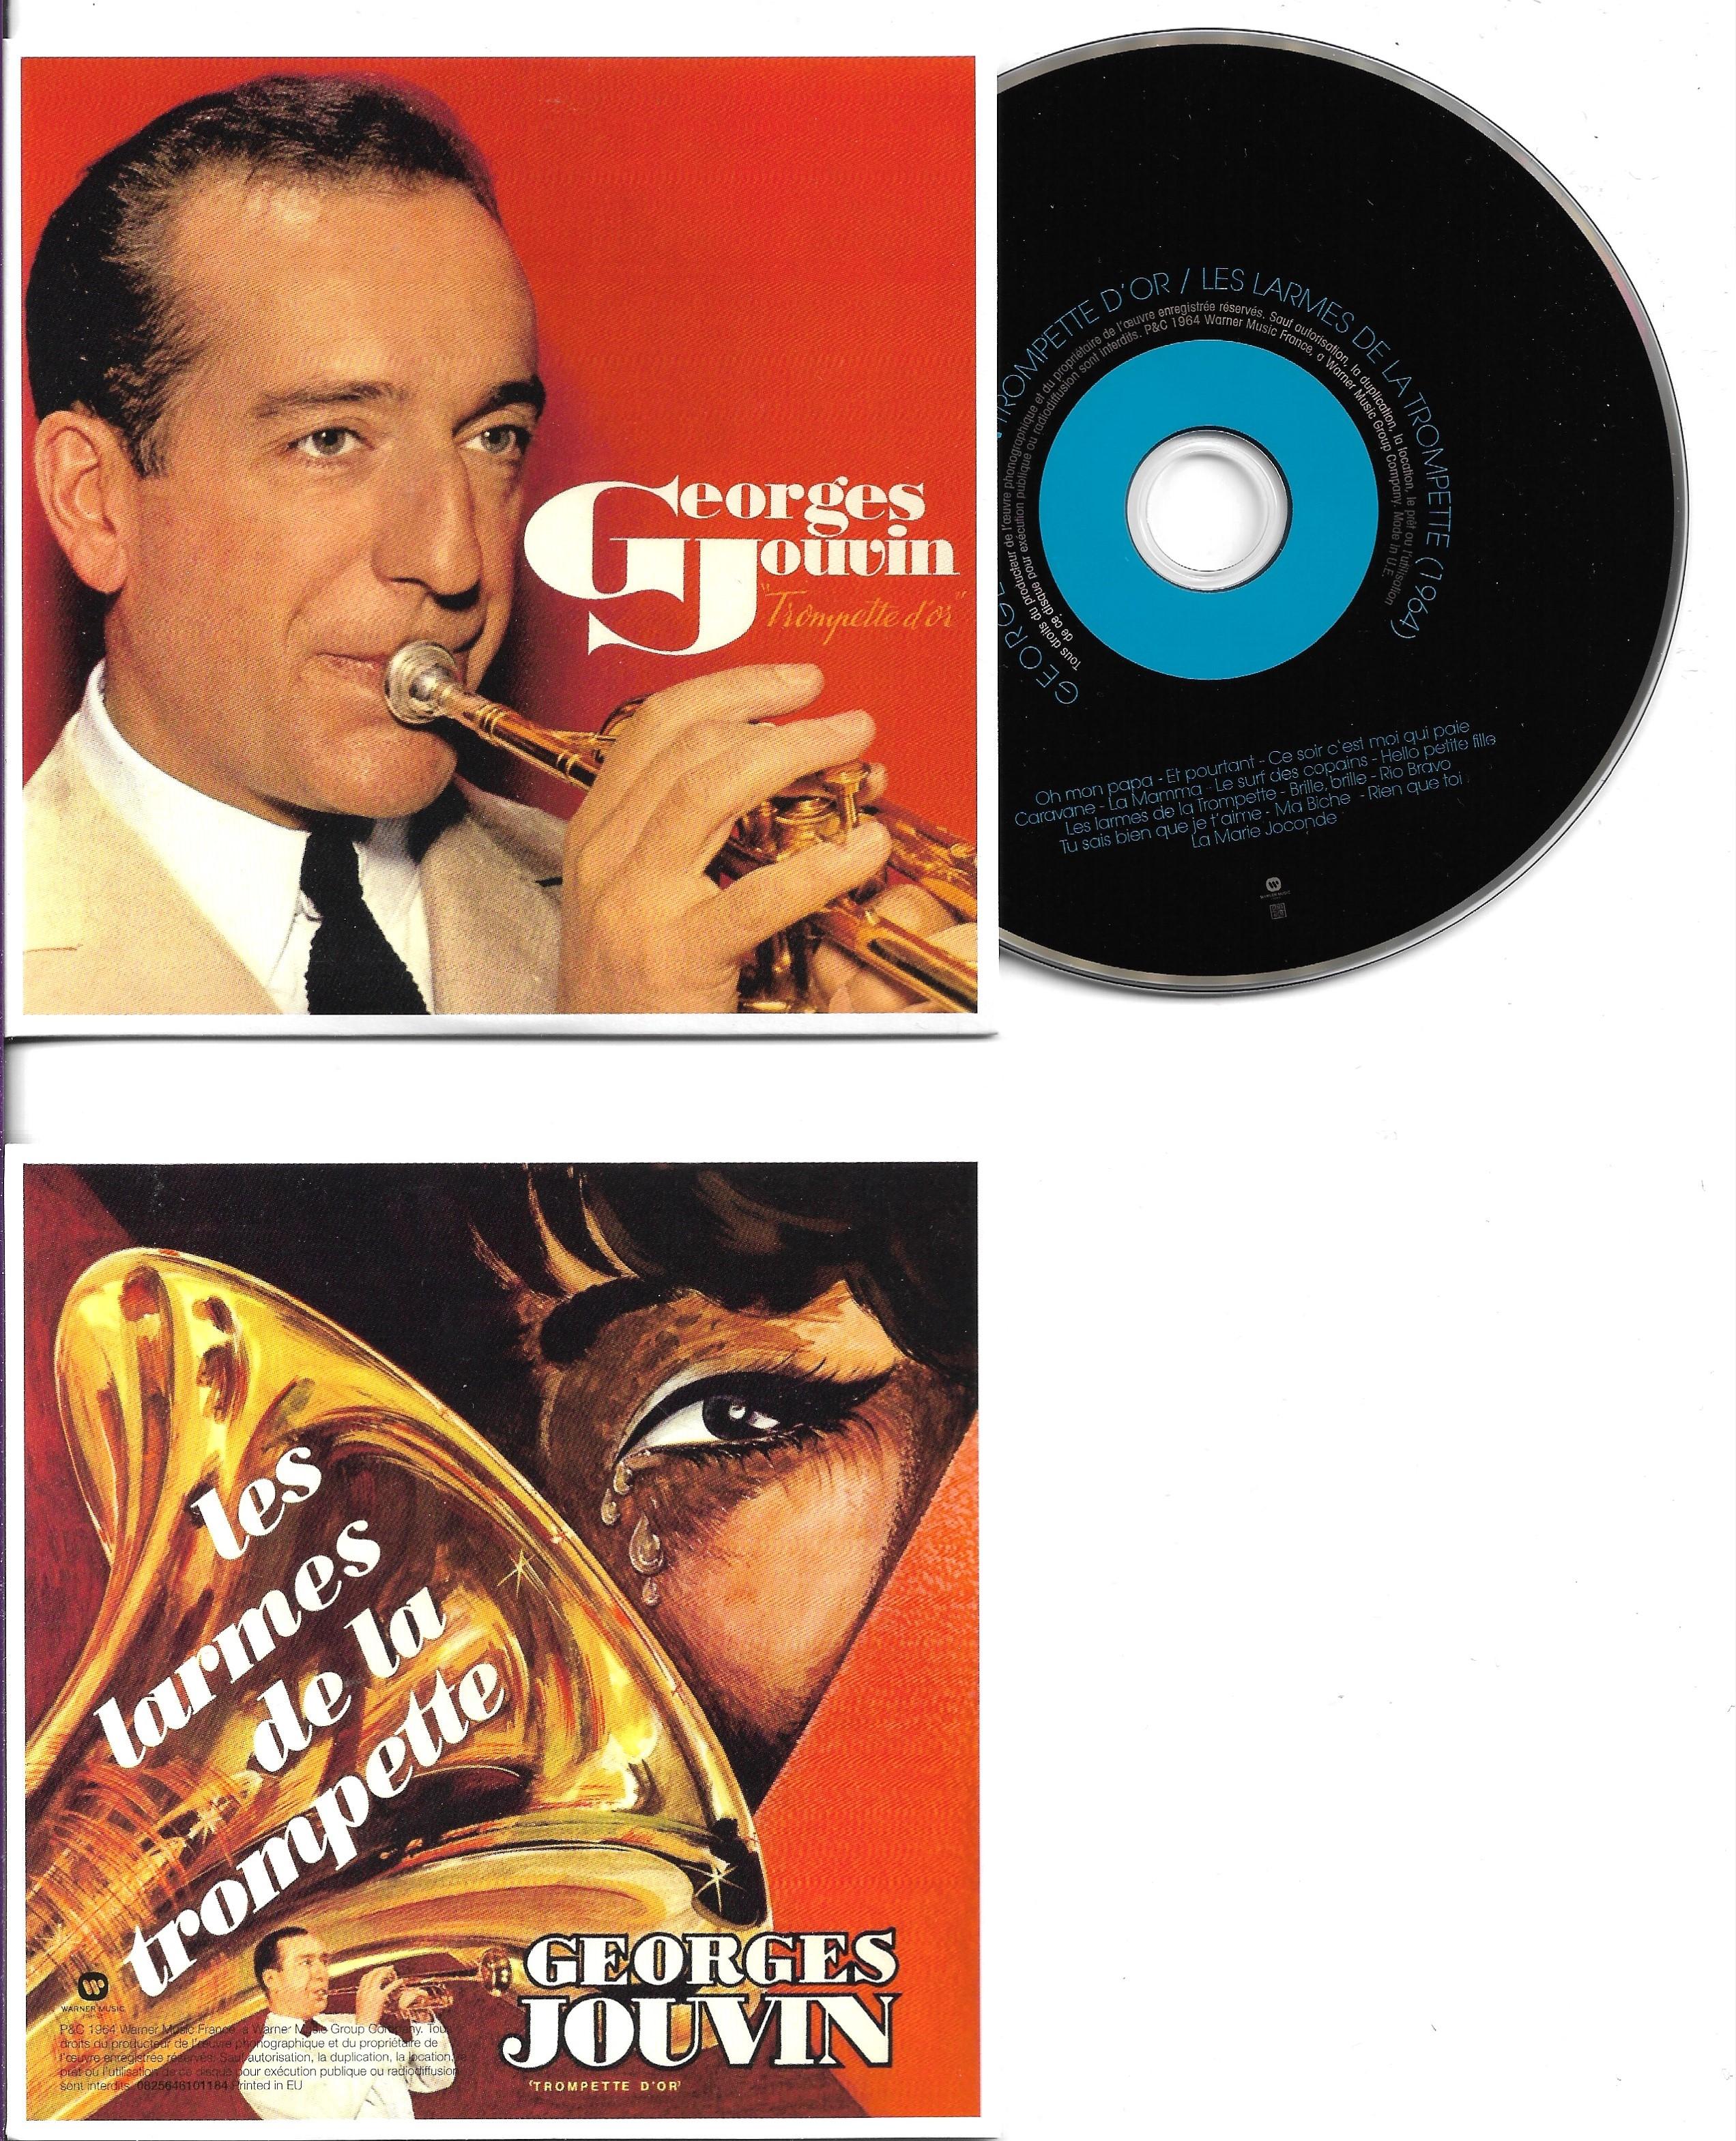 GEORGES JOUVIN - Trompette d'or - Les larmes de la trompette (1964)  - MINI LP REPLICA CARD SLEEVE - 14-TRACK - CD